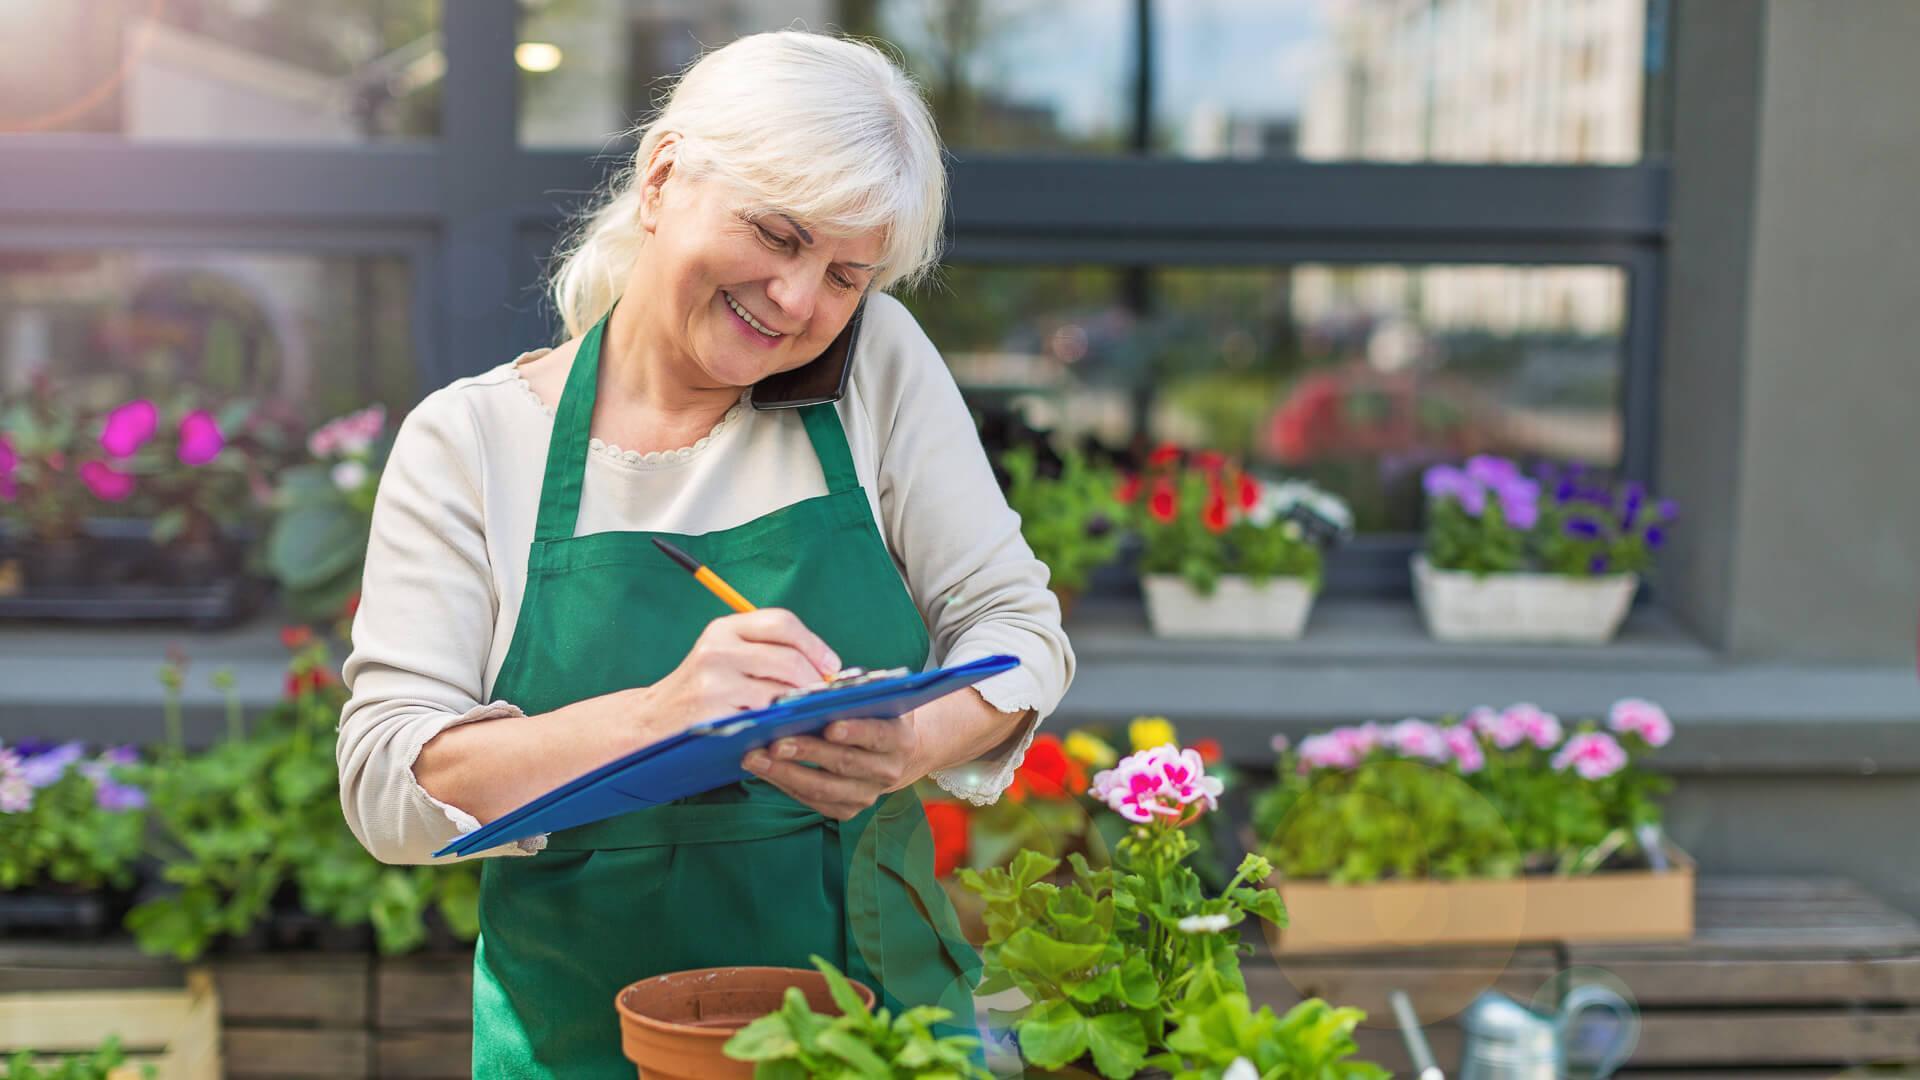 retired woman working in nursery